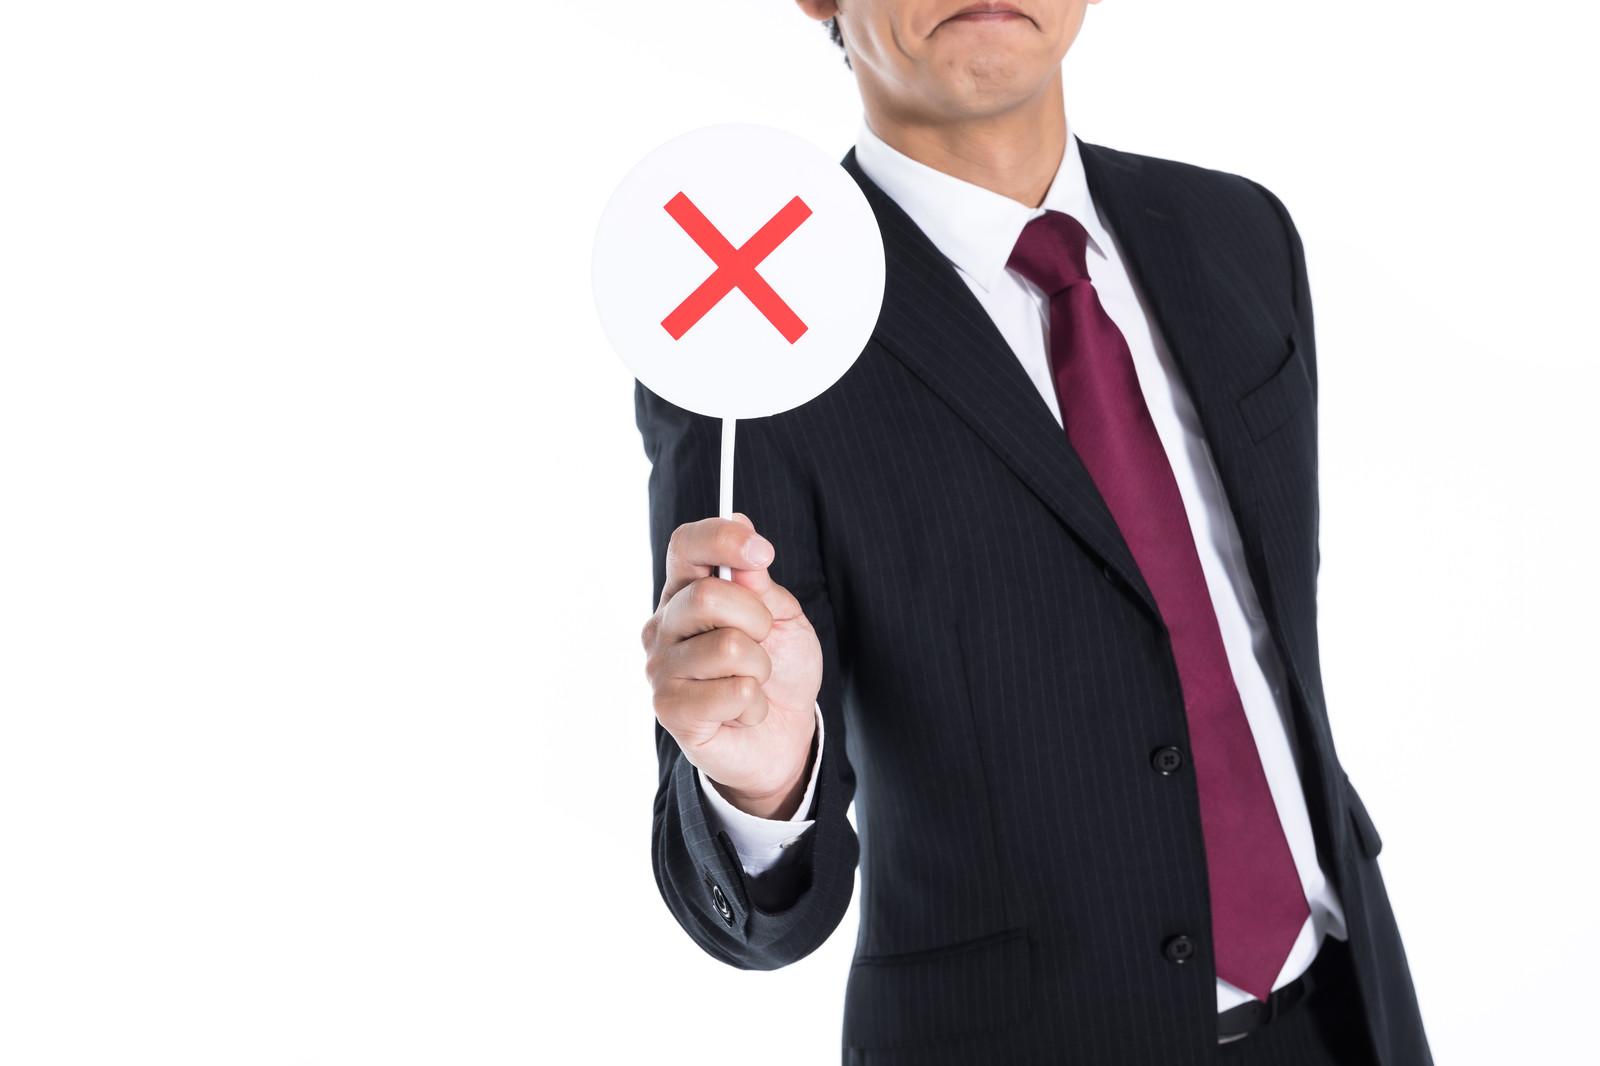 詐欺まがいの電力会社の営業電話・訪問販売の特徴